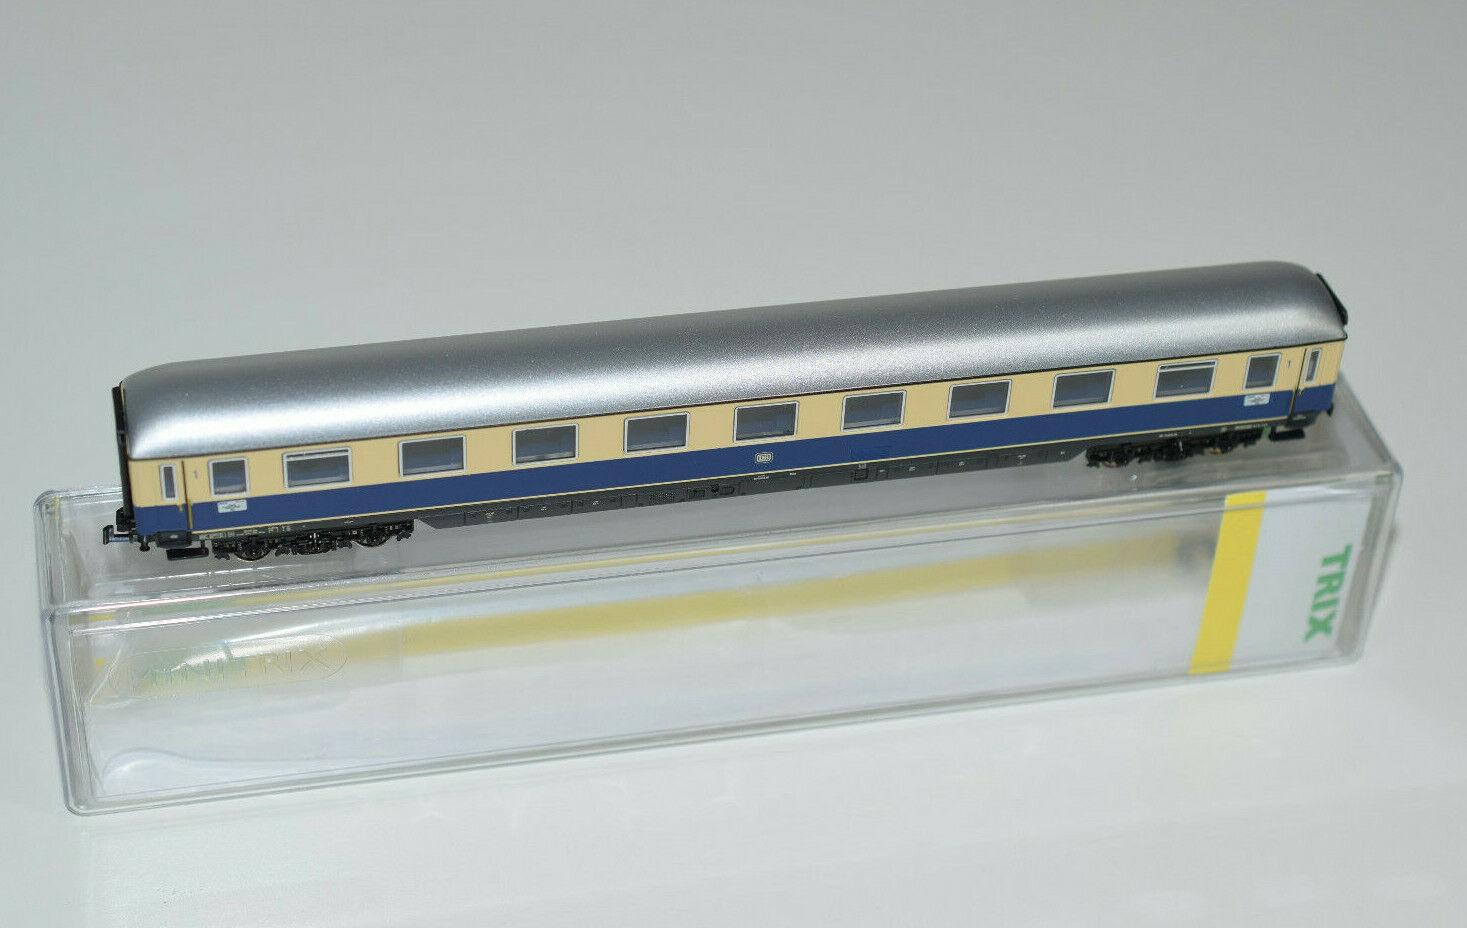 acquisto limitato Minitrix Spur N-RHEINoro-compartimento autorello-av4üm-62 - - - PROD - 15789 q112  migliore qualità